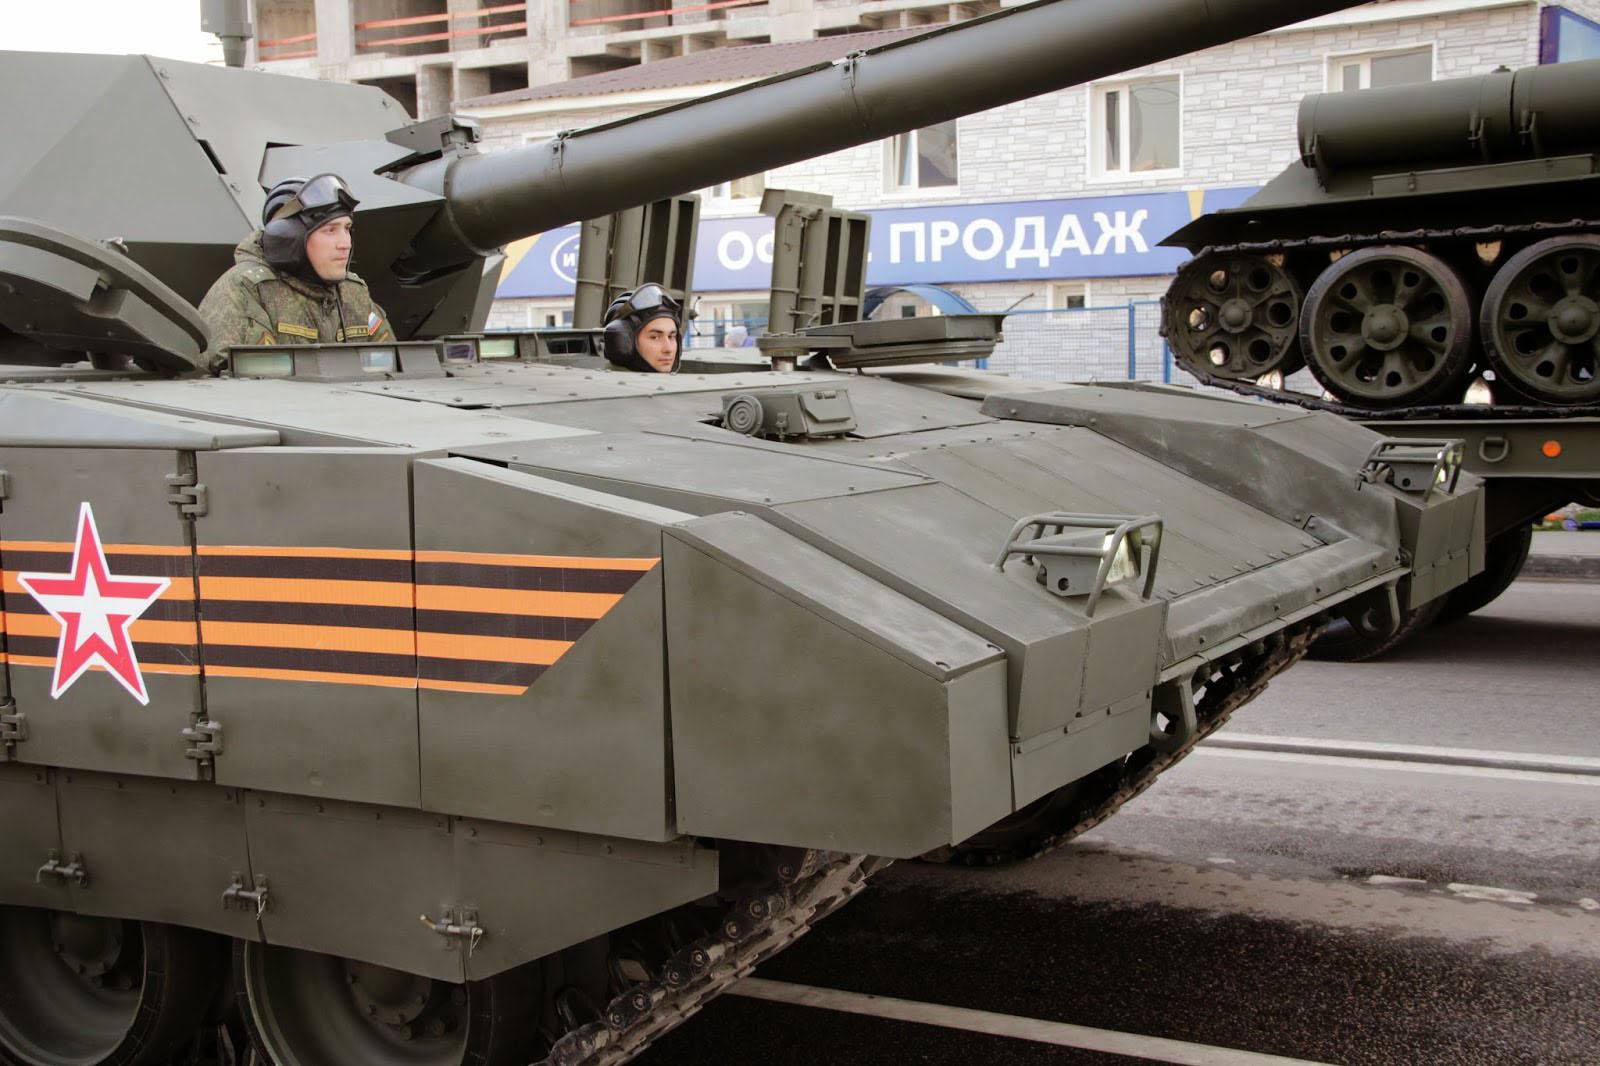 Armata: ¿el robotanque ruso? - Página 2 0_131ac7_43ba693b_orig